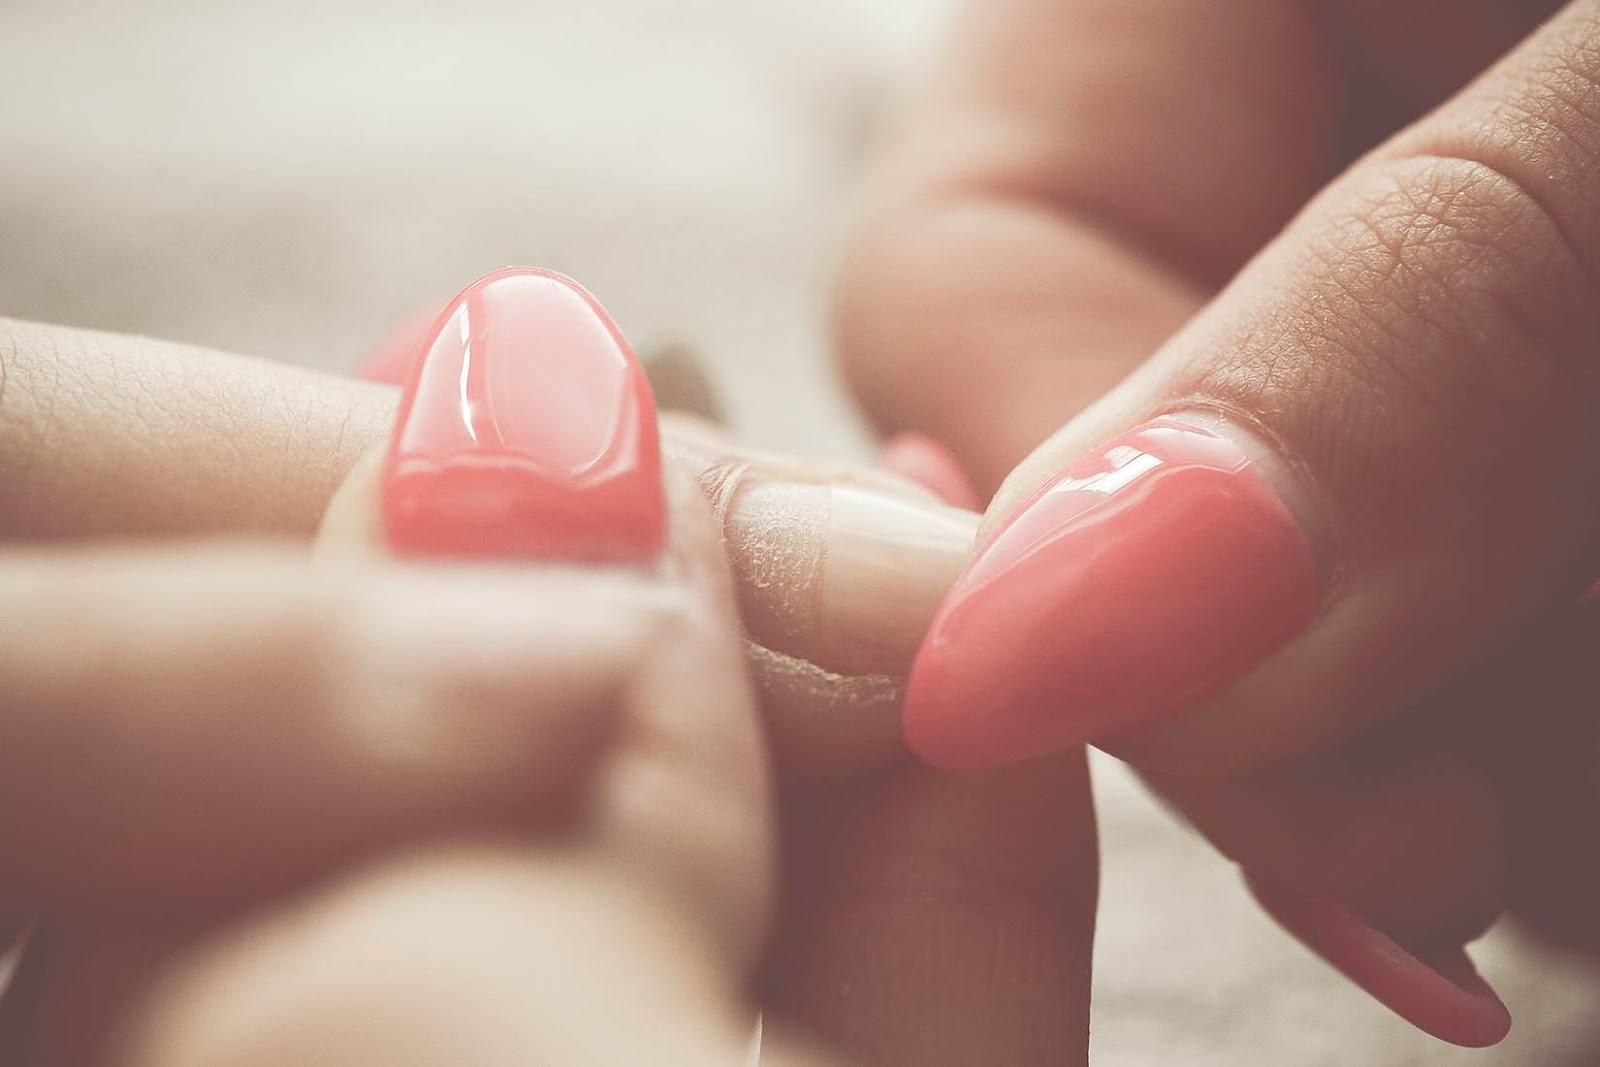 hobby beauty health choroby paznokci dla pocz tkuj cych stylistek i nie tylko. Black Bedroom Furniture Sets. Home Design Ideas